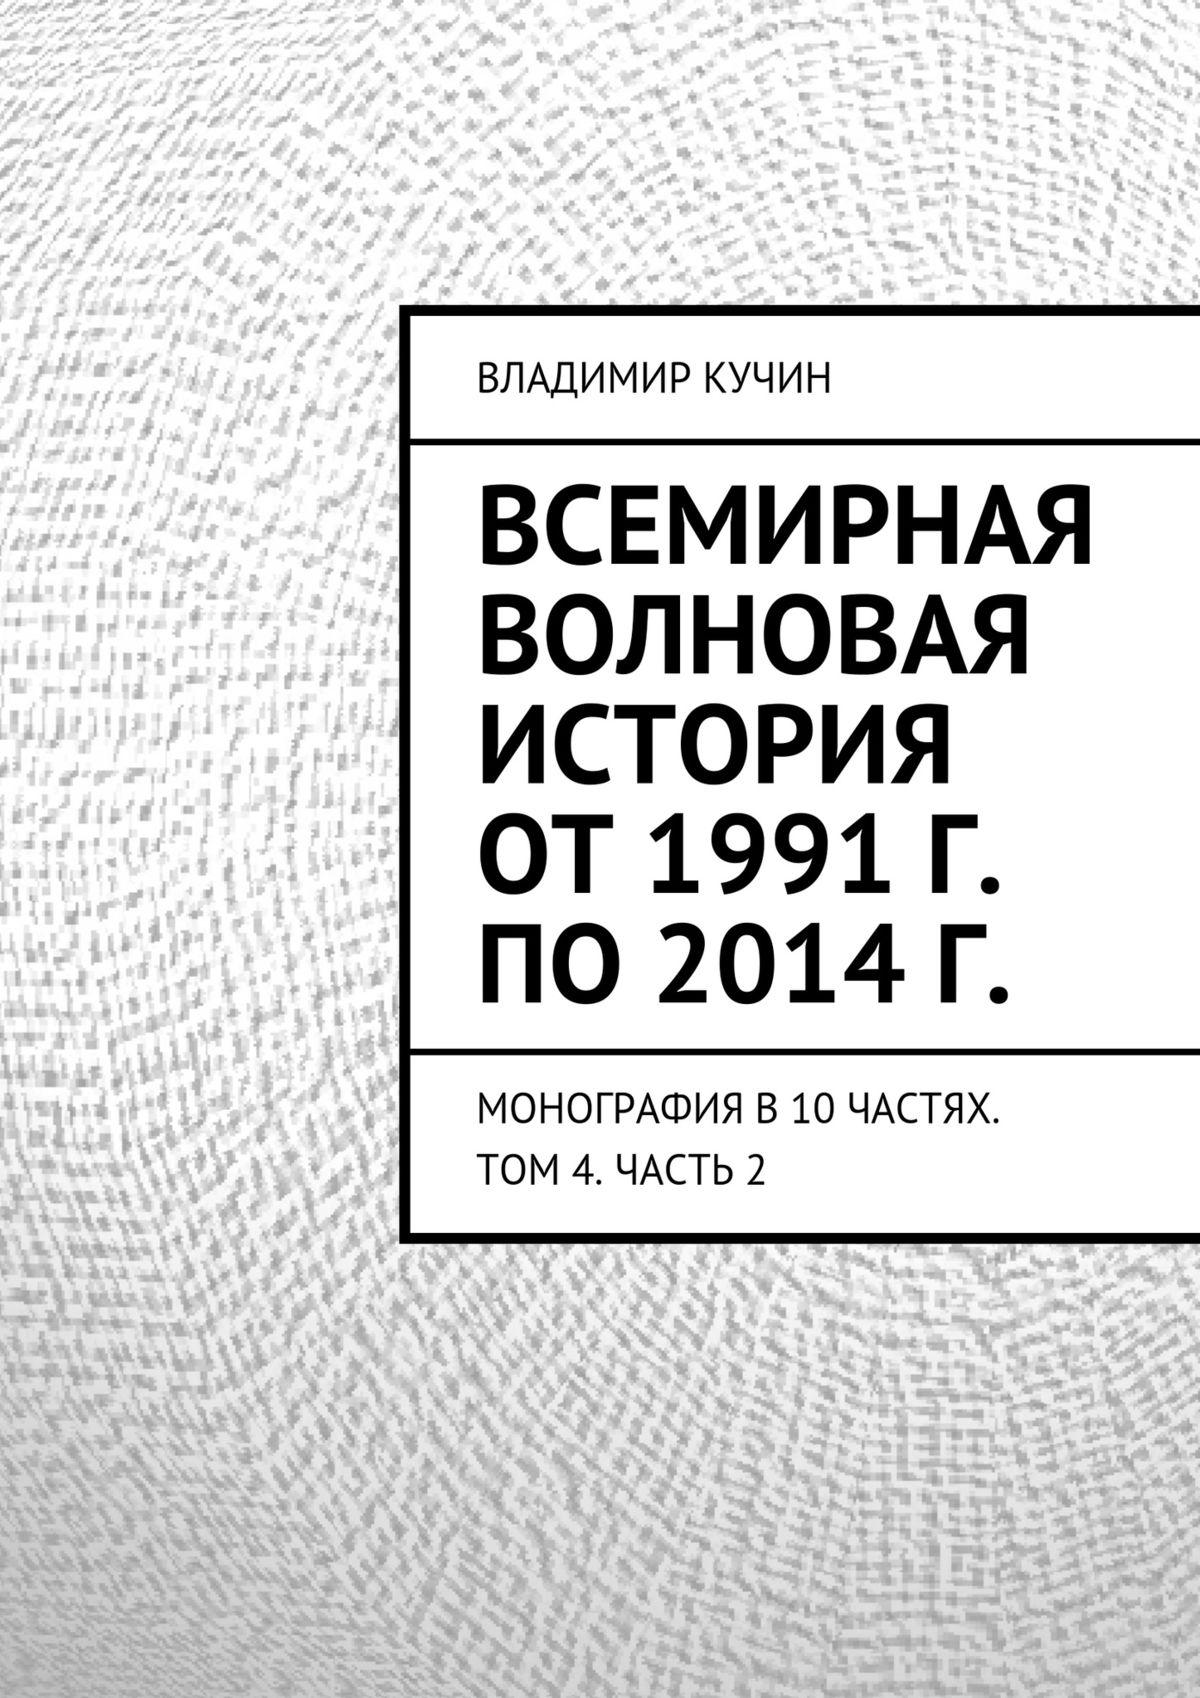 Владимир Кучин Всемирная волновая история от 1991 г. по 2014 г. аксессуар чехол для xiaomi redmi mi 5s plus pero soft touch black prstc rmi5spb